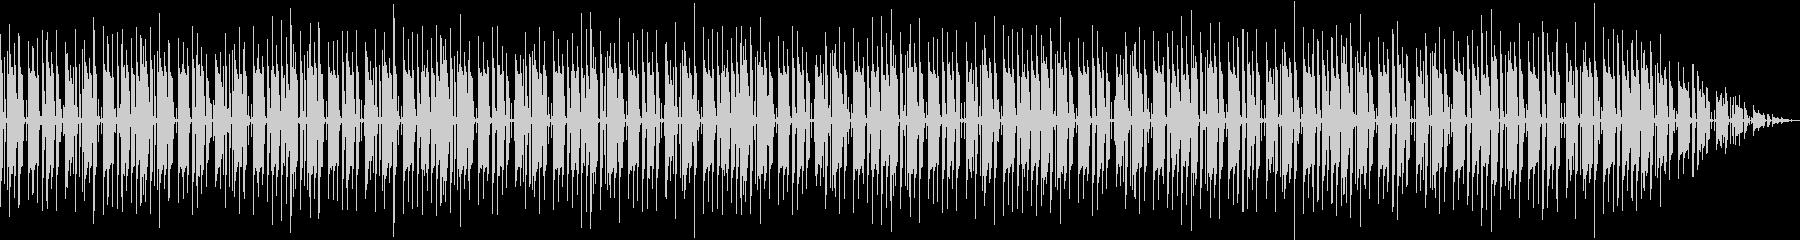 パーカッションとベースのセッションの未再生の波形